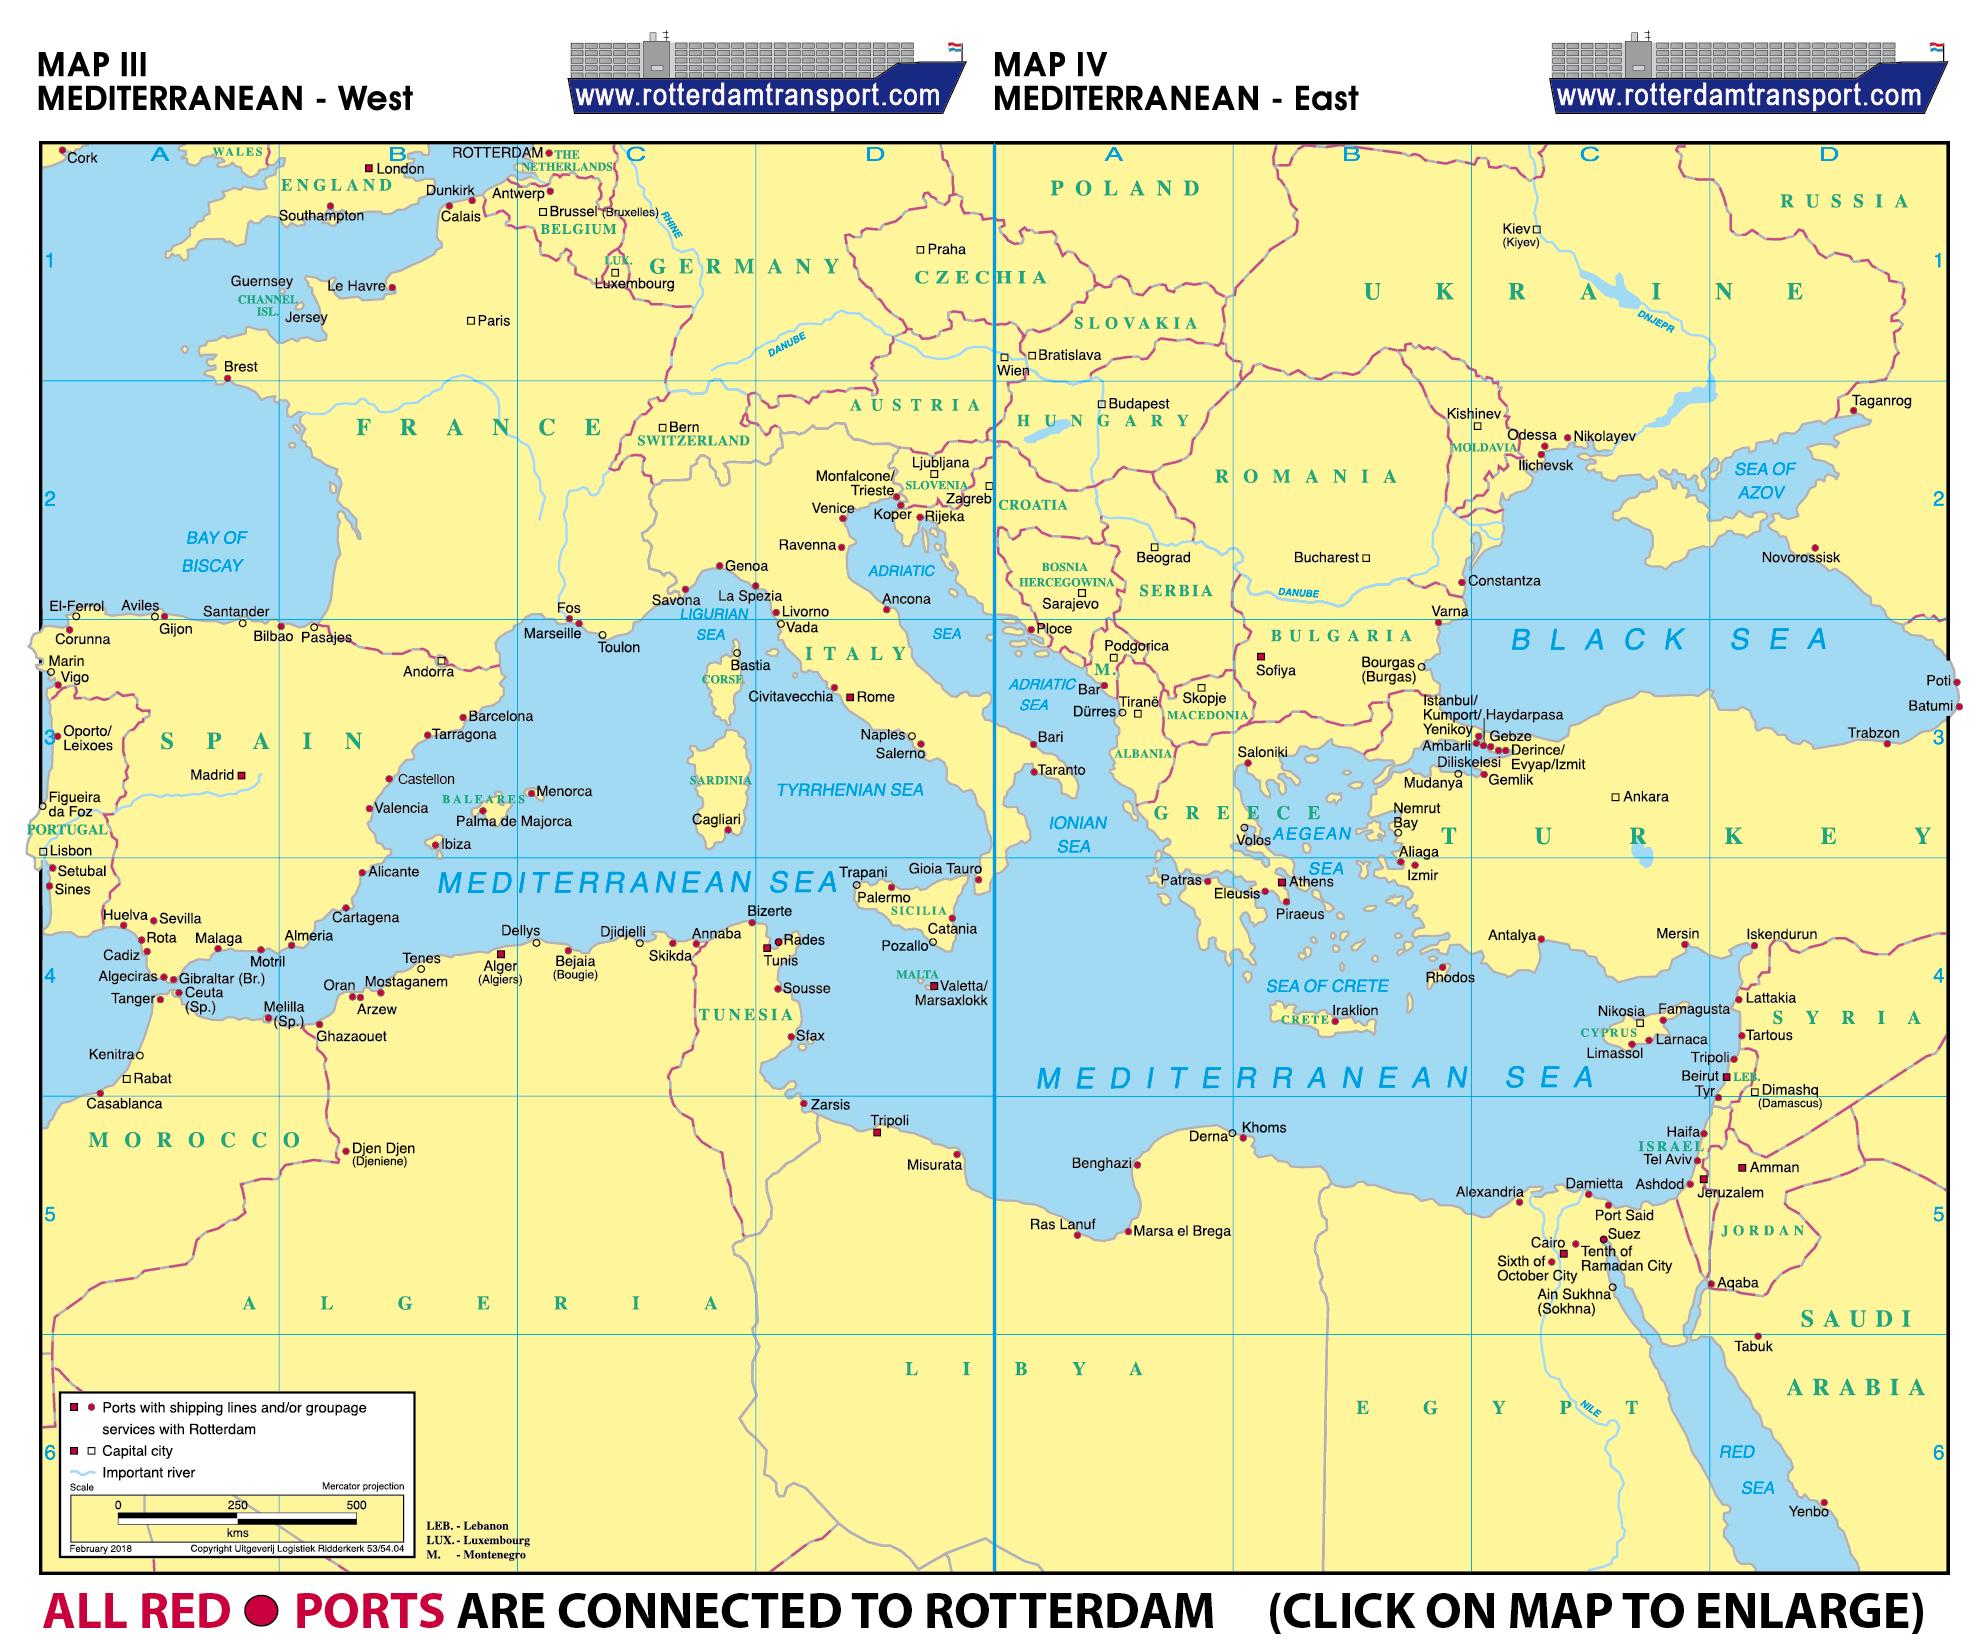 www world port maps